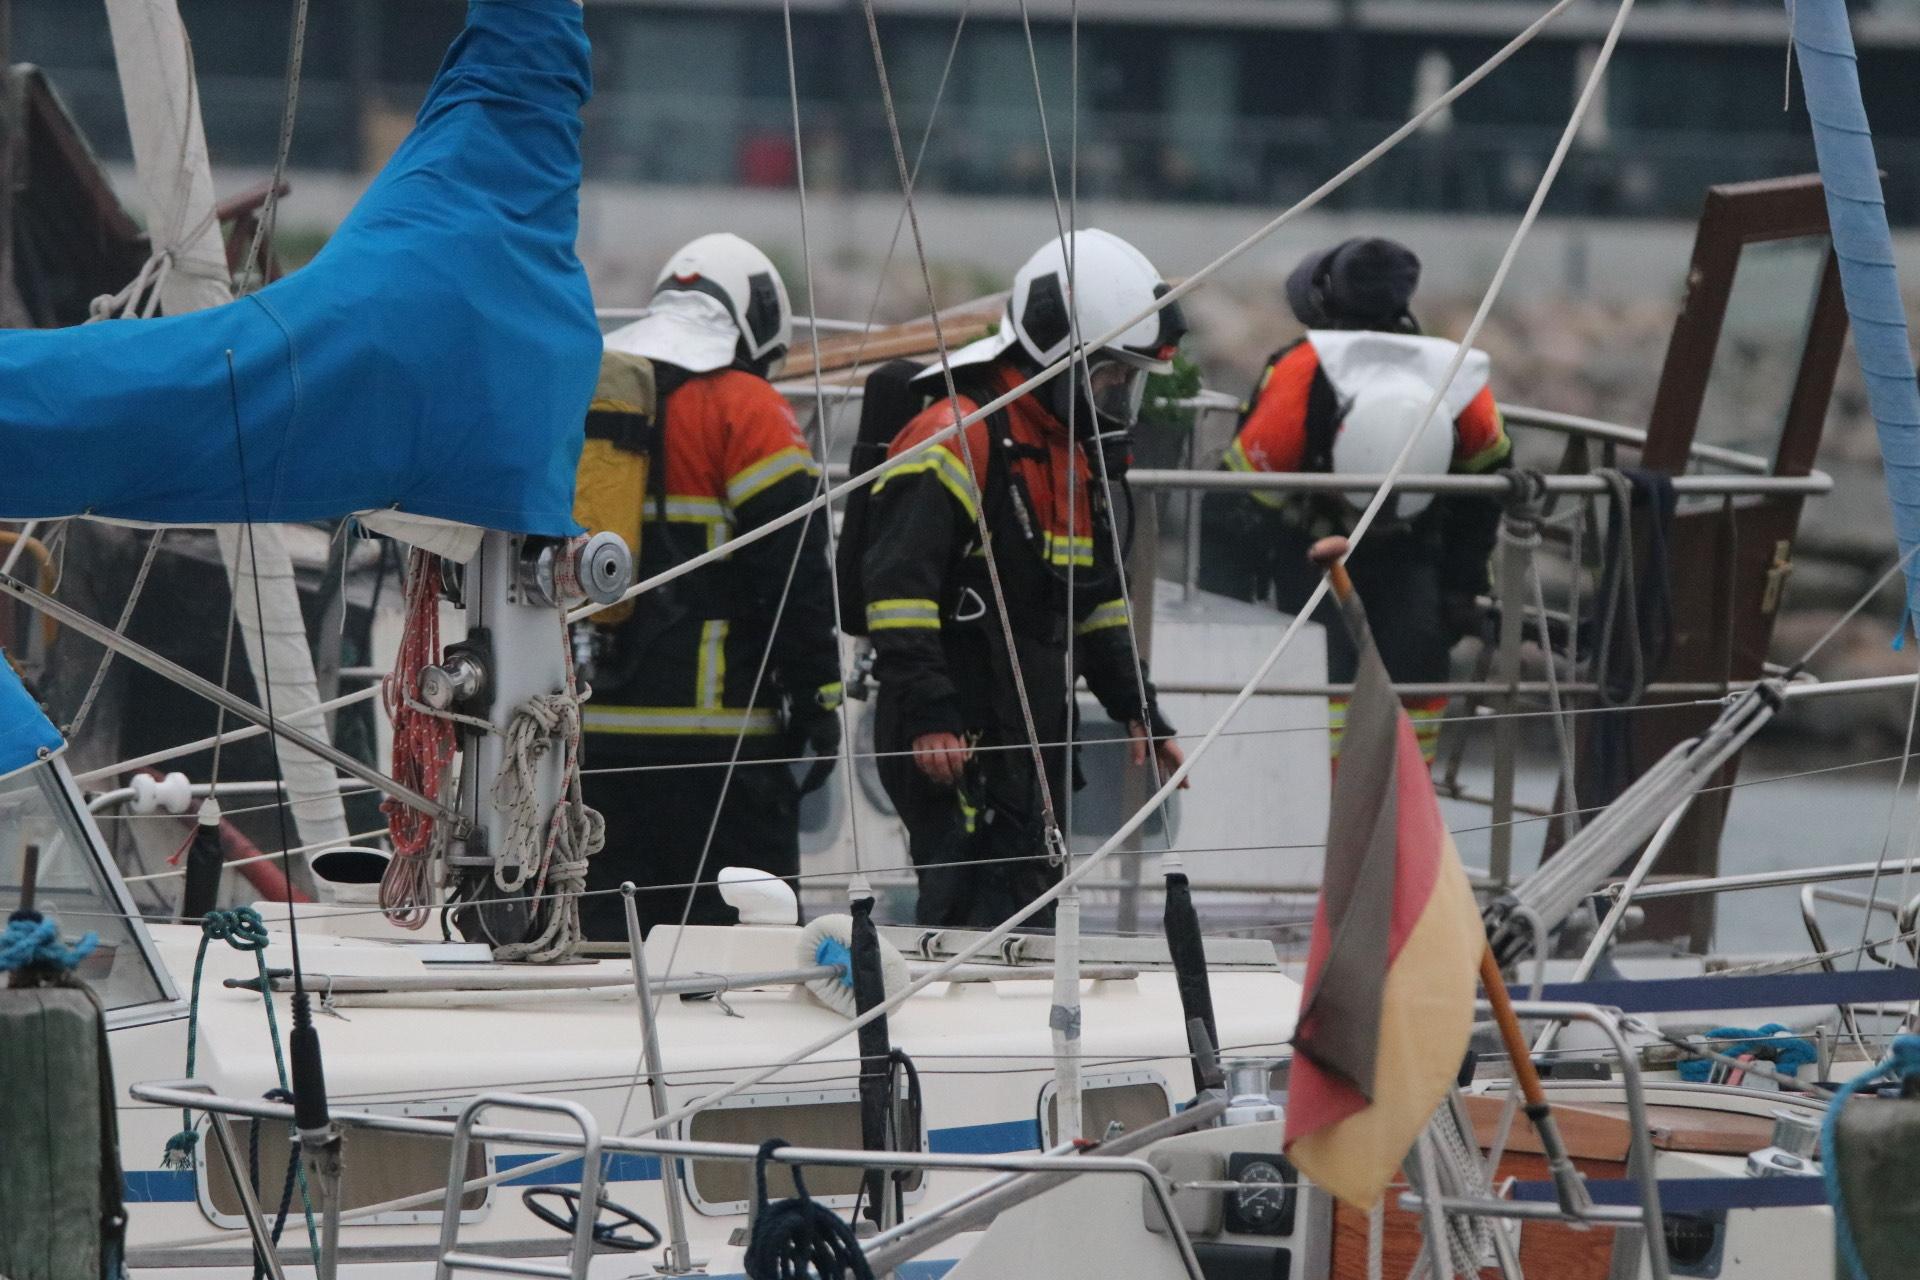 Skibsbrand i Nyborg - slukningsarbejde igang